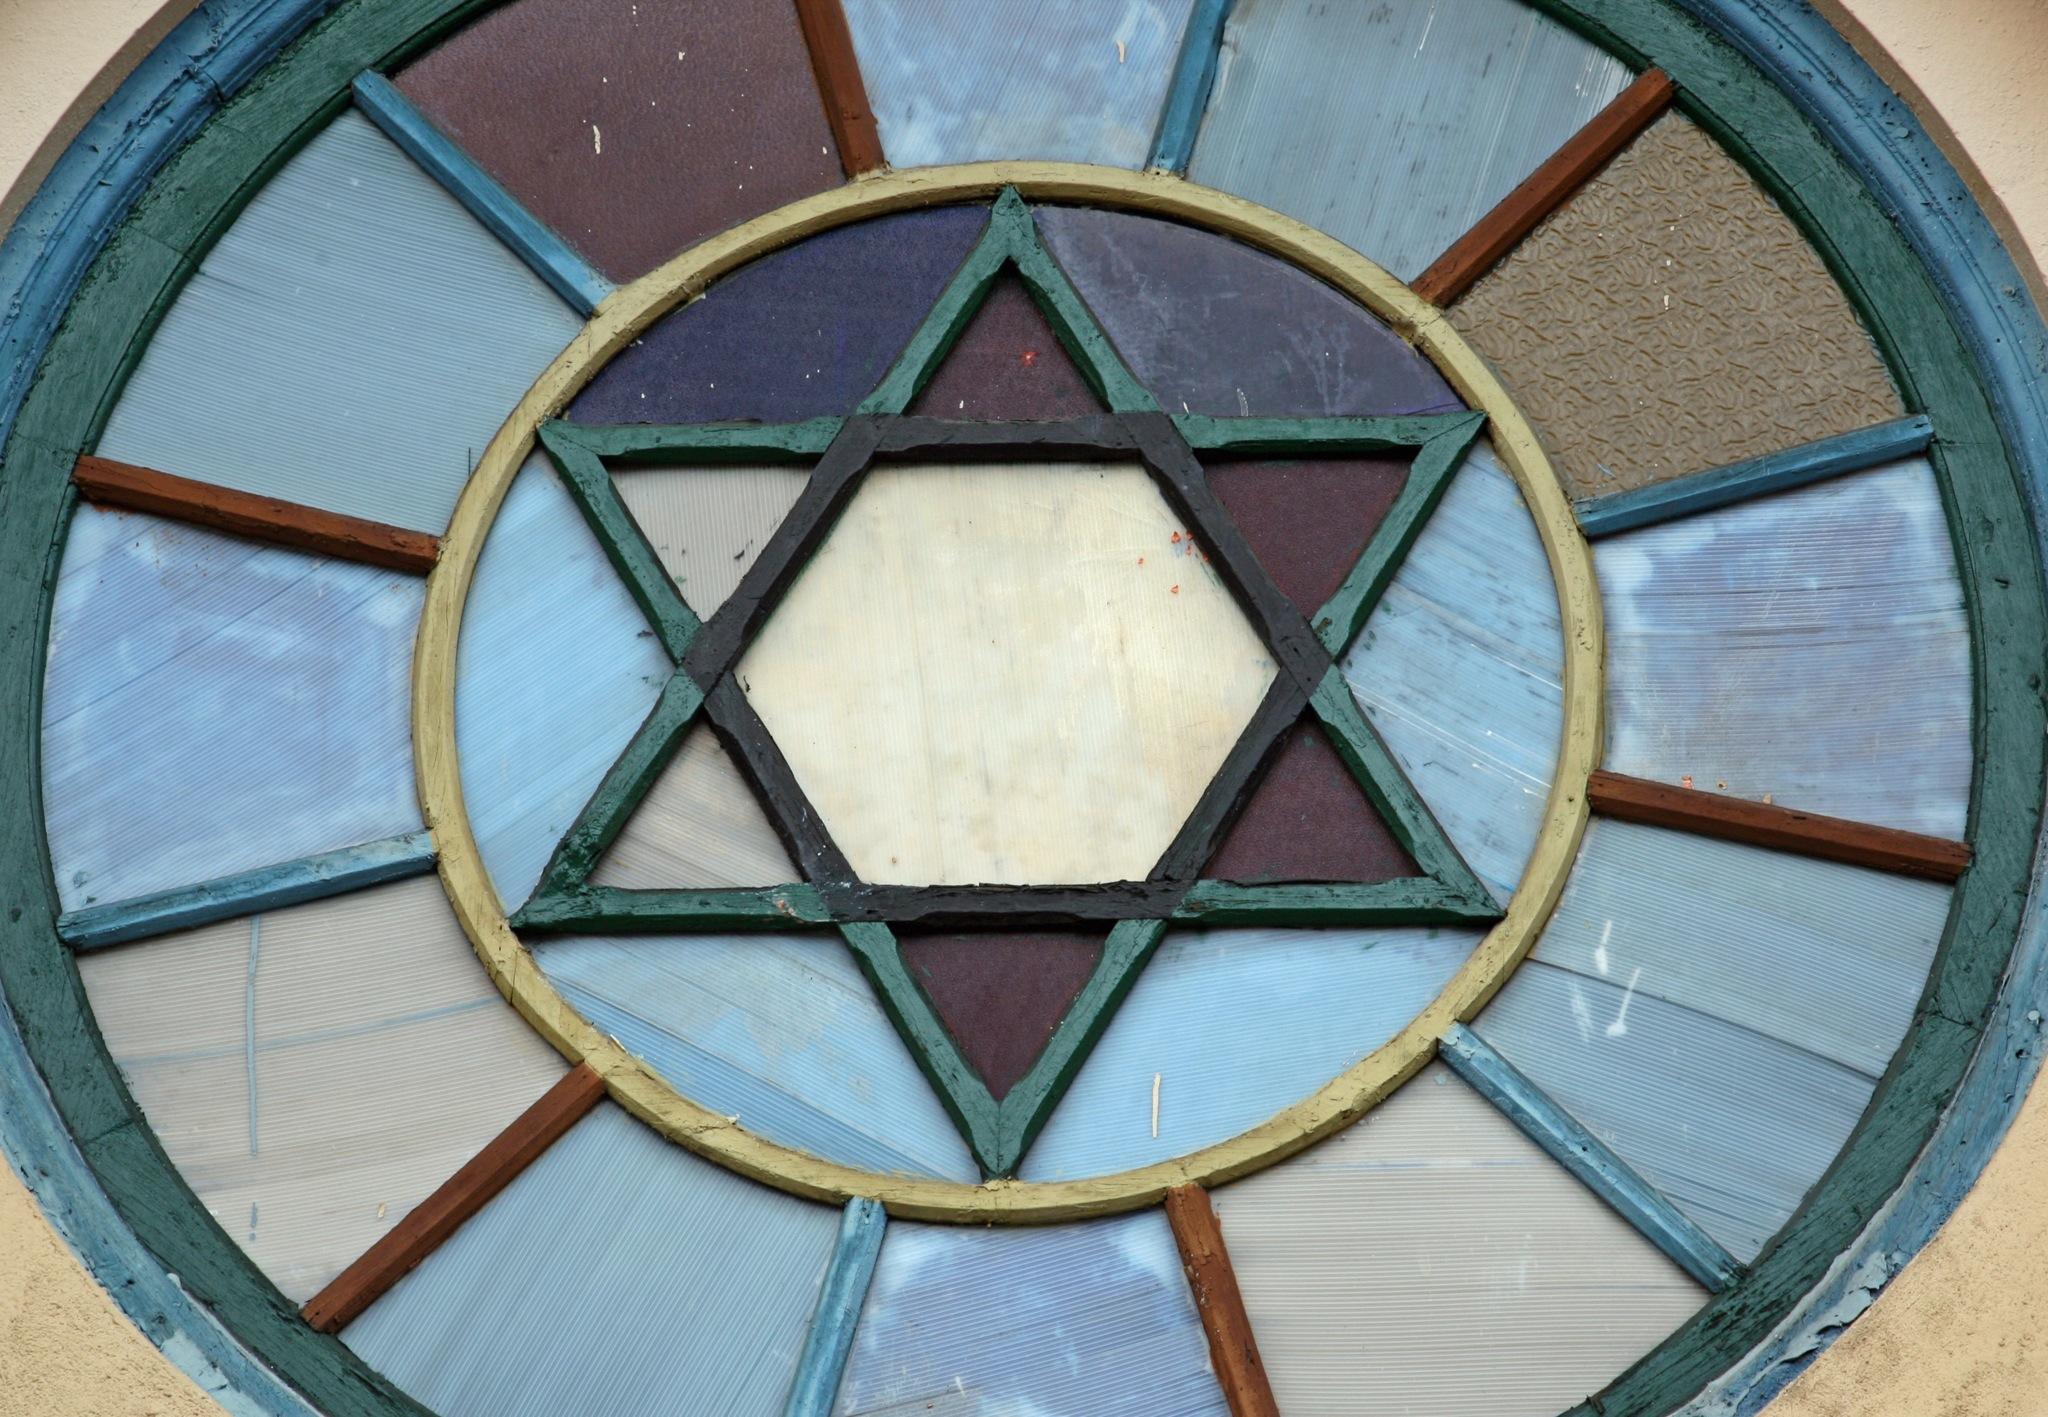 temple-star-brooklyn-113674-o.jpg